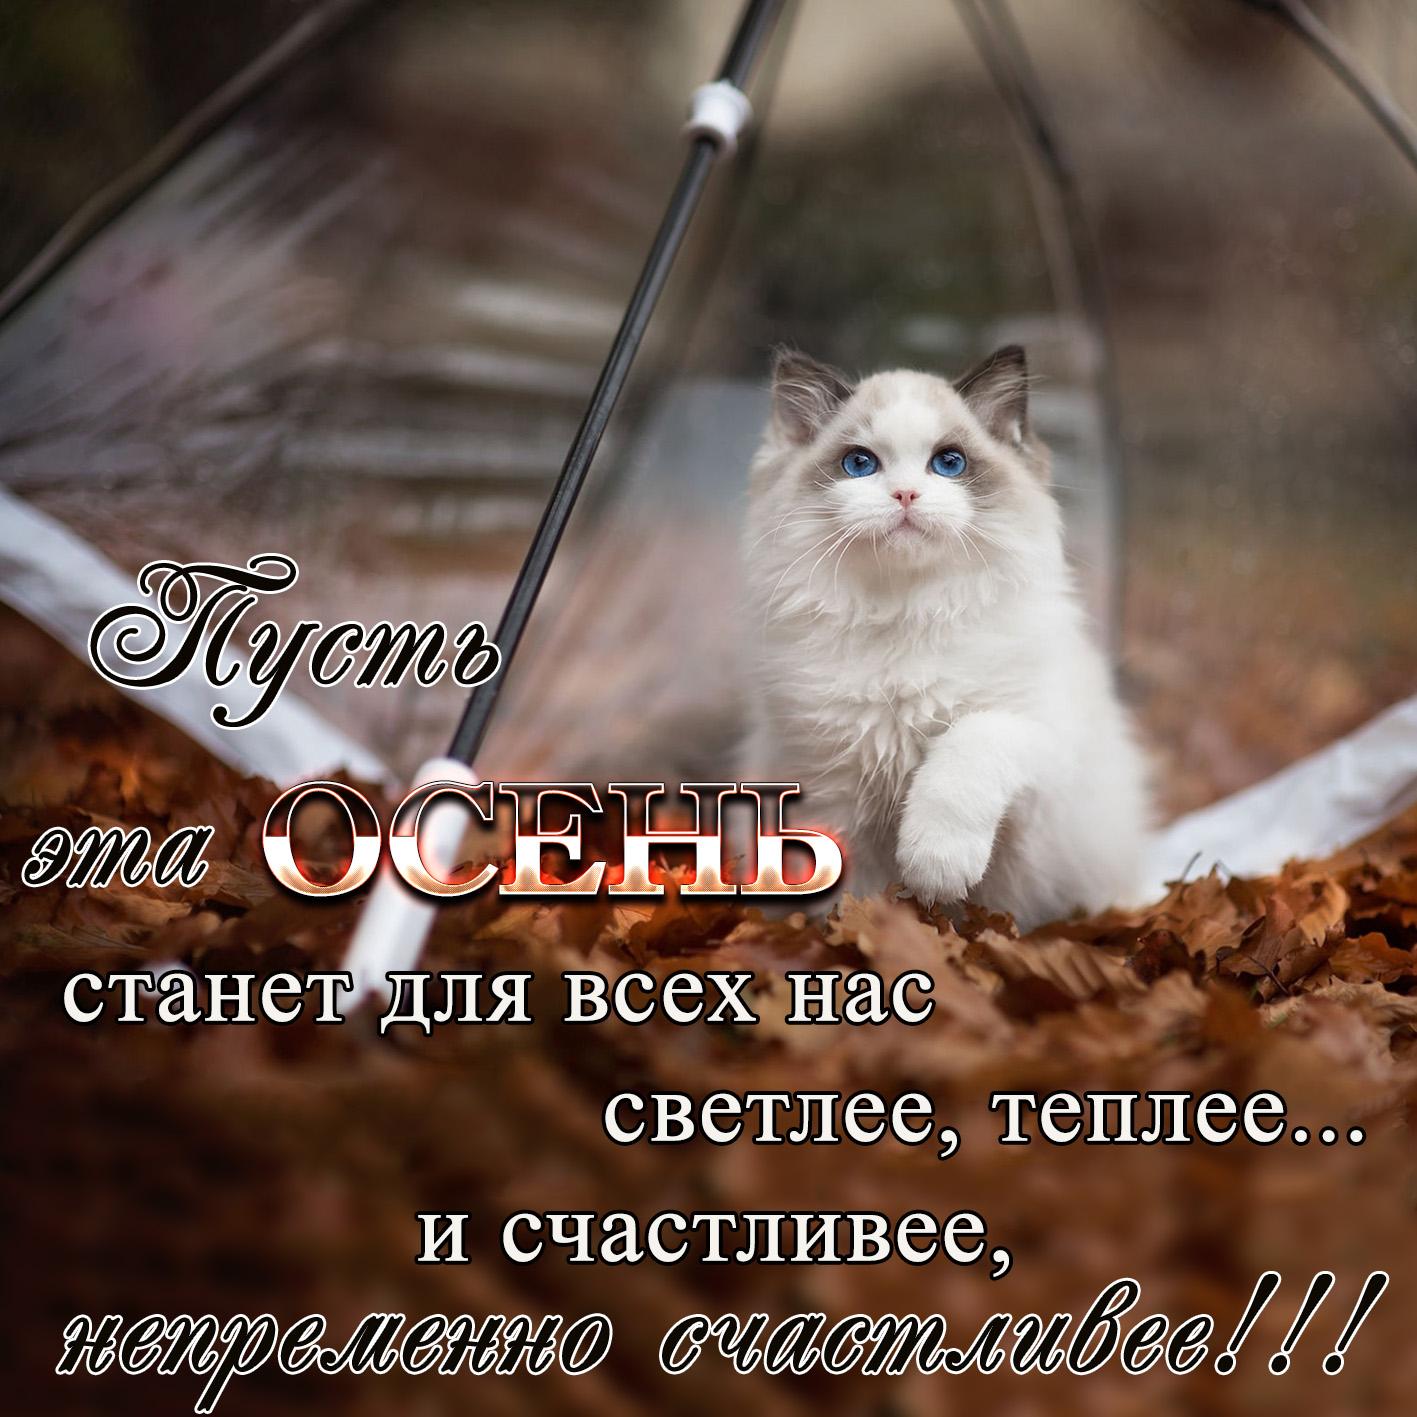 Открытка с красивым котиком под зонтом осенью